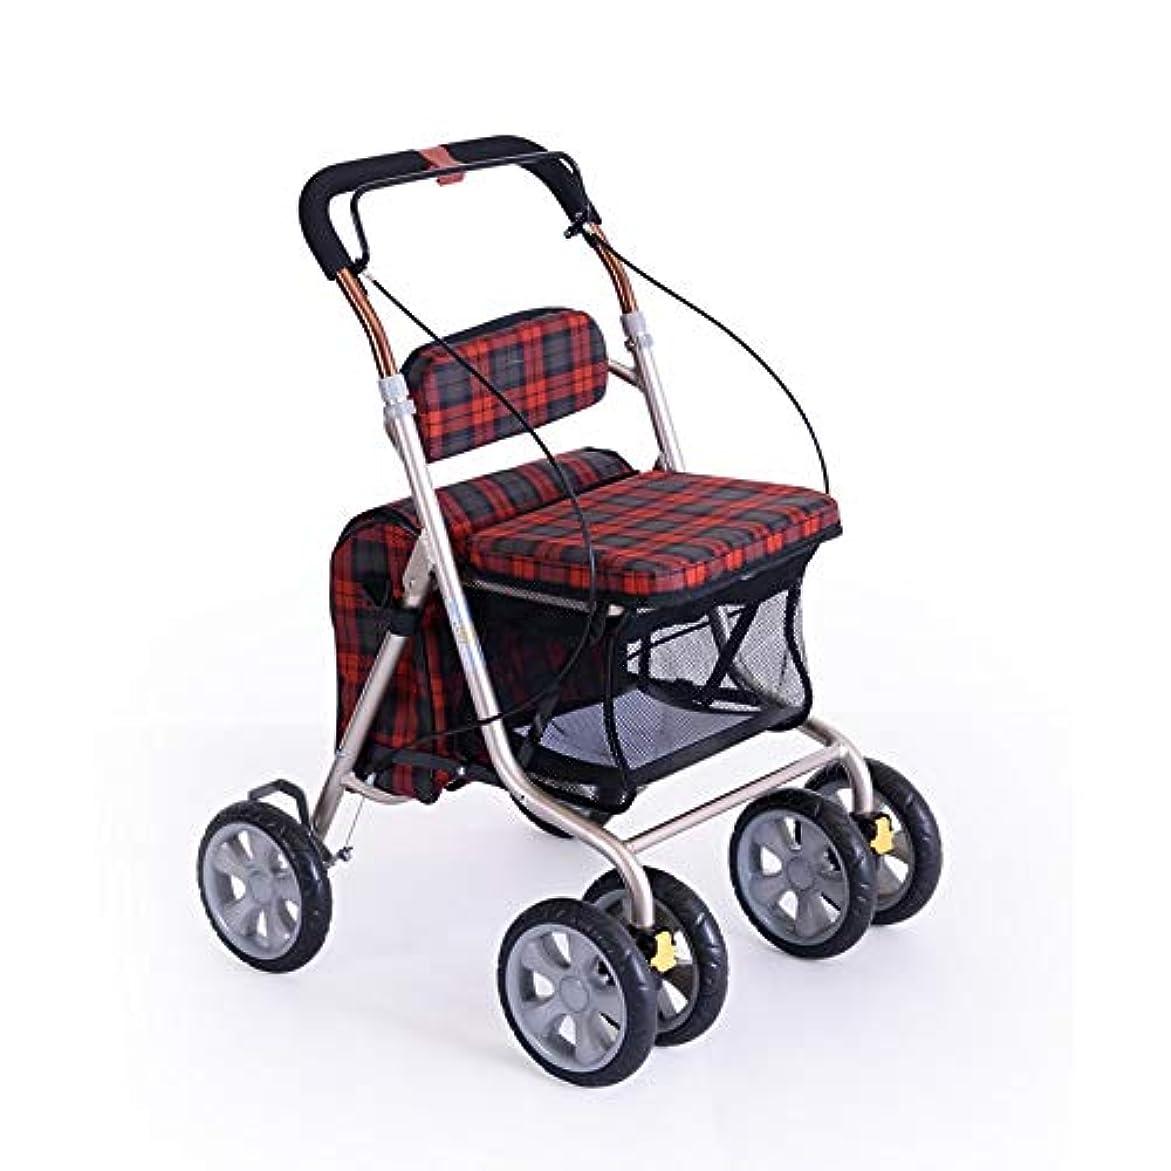 アルミ合金の古いカート、車輪付きの座席四輪折りたたみ式軽量高齢者食料品ショッピングエイド